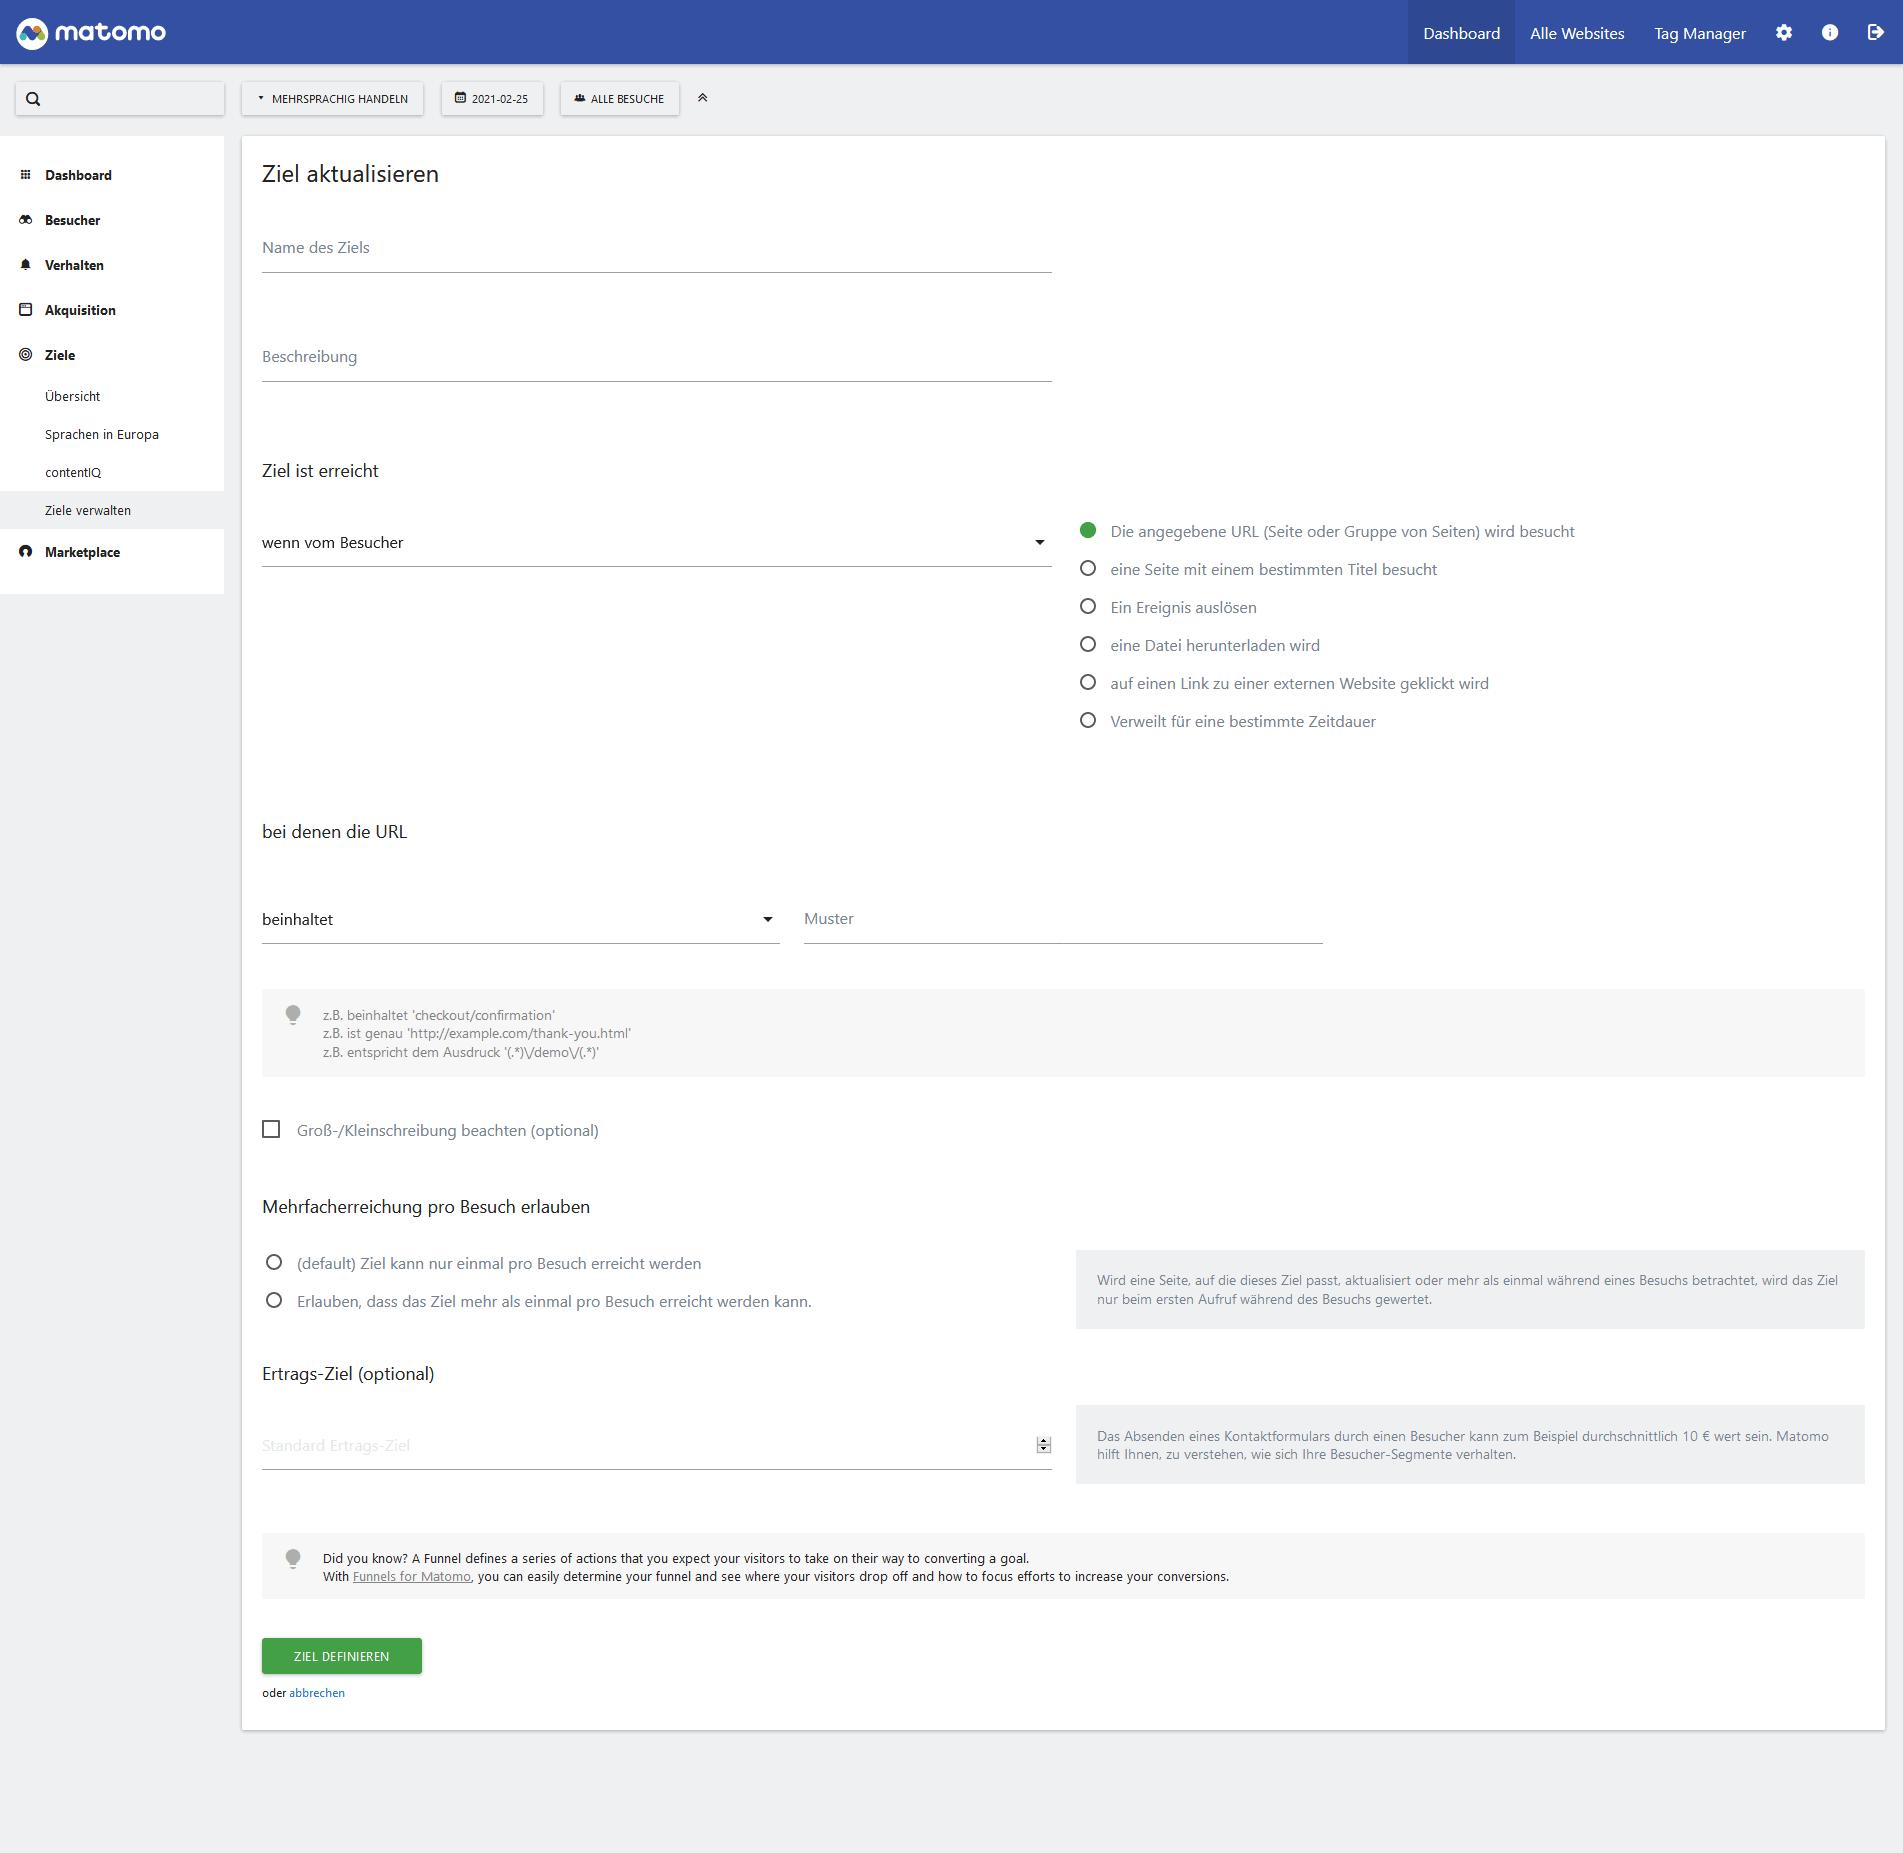 Ziele definieren im Matomo-Dashboard